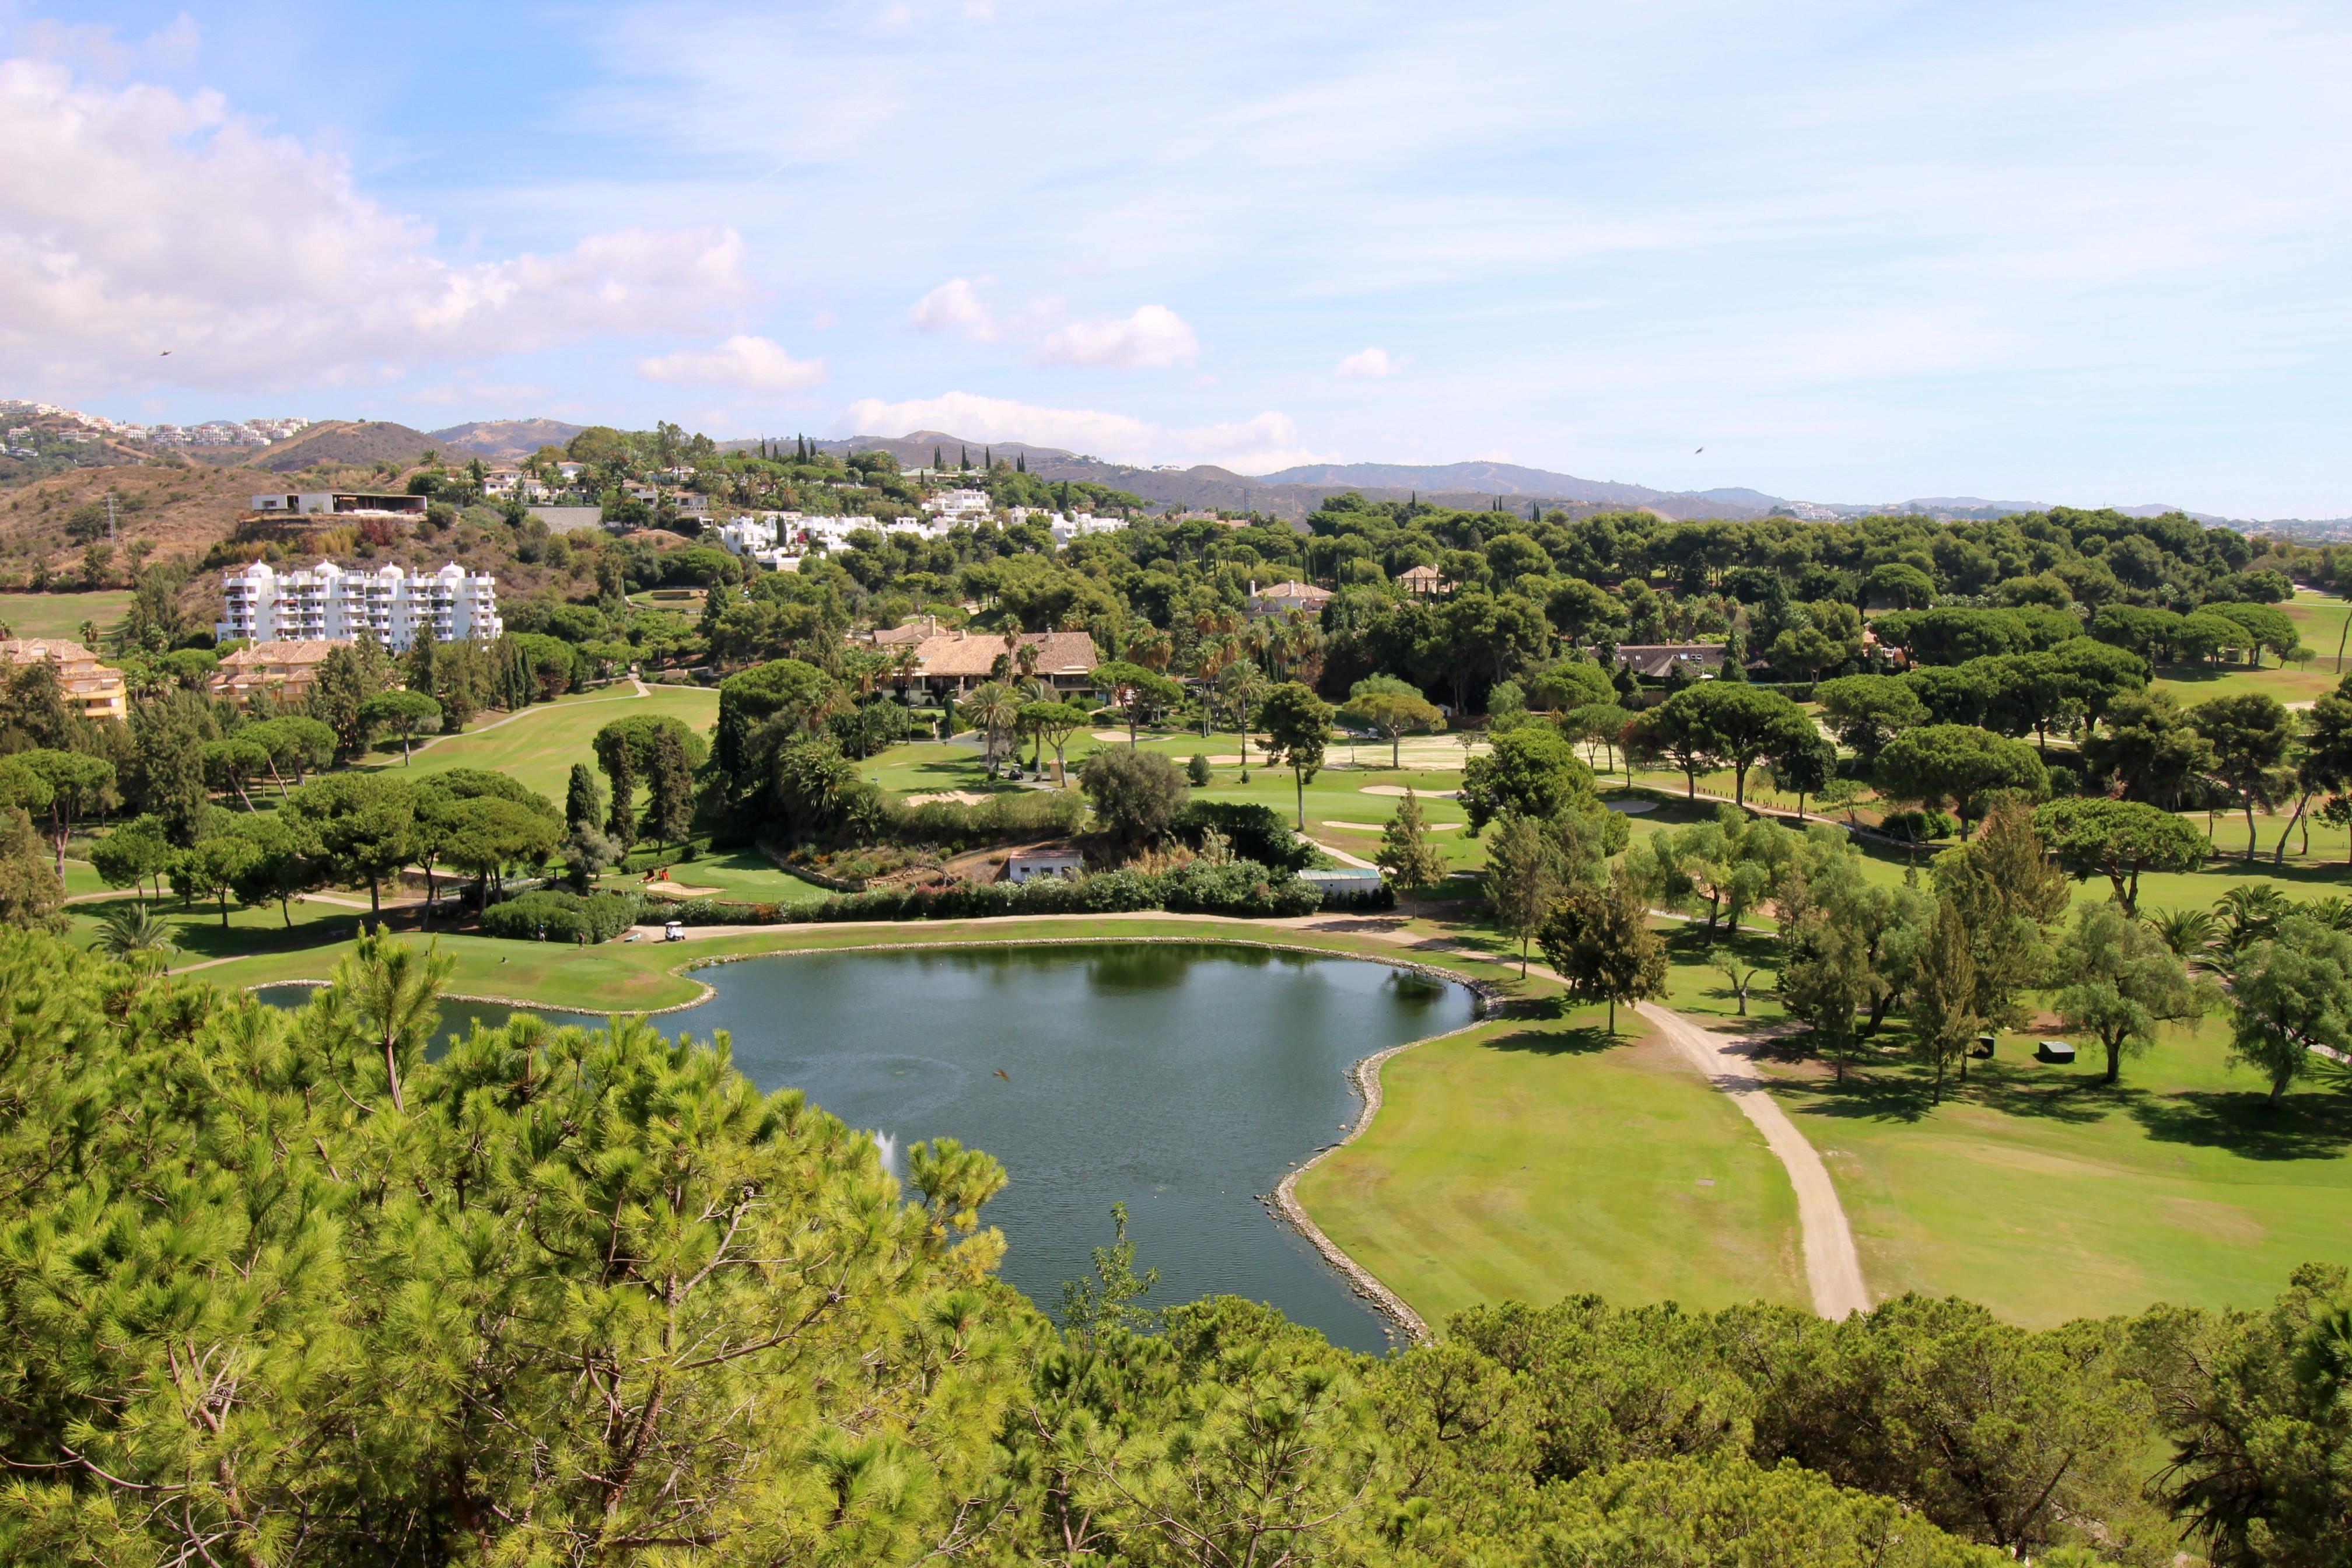 Campos de golf en Marbella Este